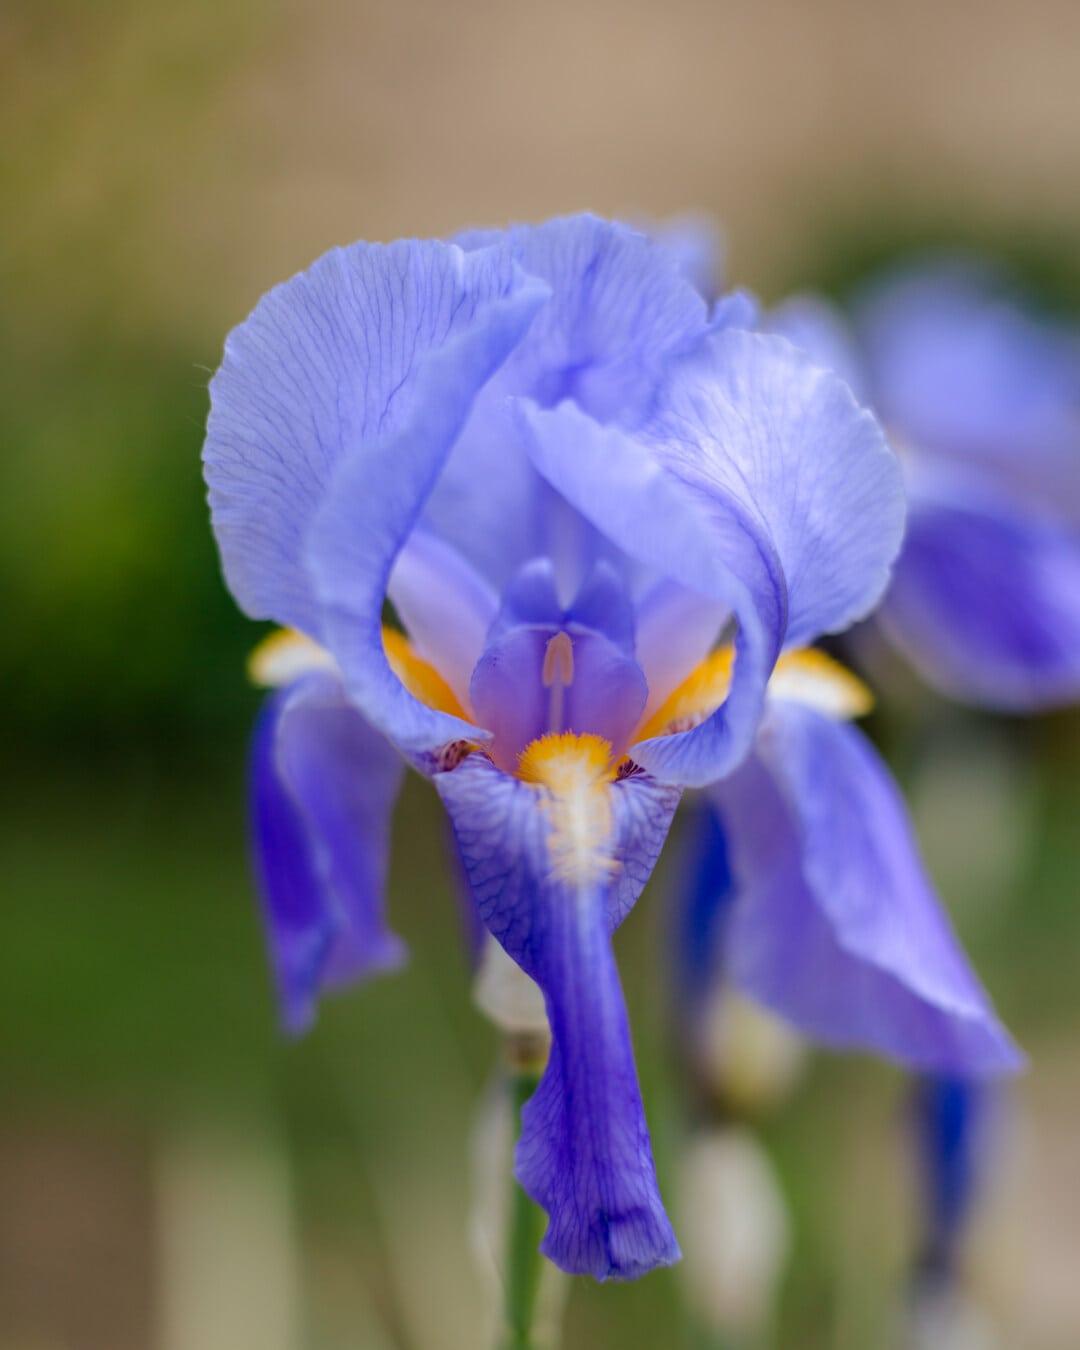 fioletowy, kwiat, Iris, pyłek, płatki, zbliżenie, kwiat, Płatek, zioło, roślina